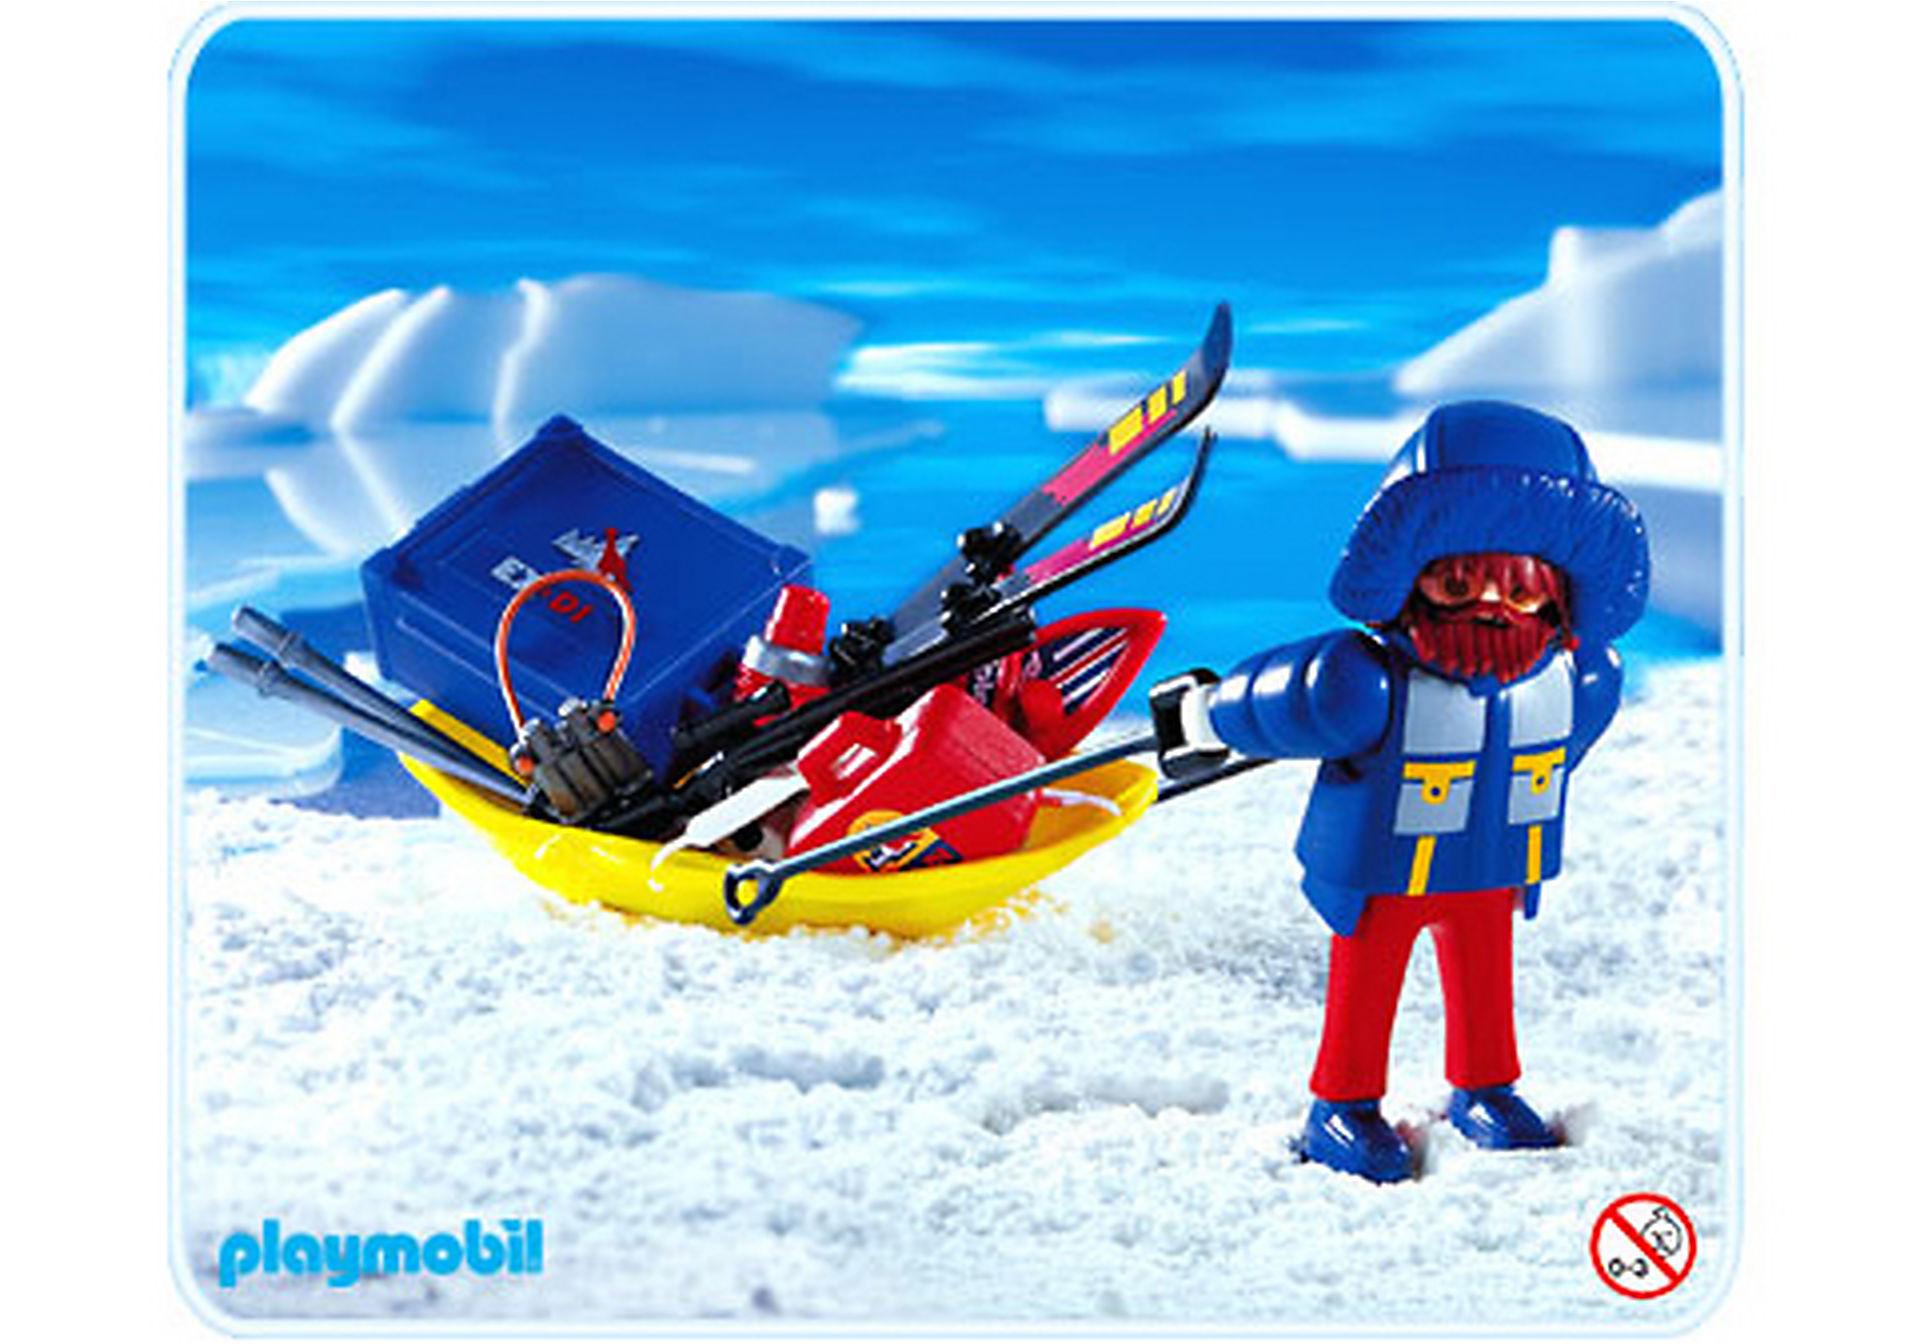 3194-A Polarforscher mit Transportschlitten zoom image1